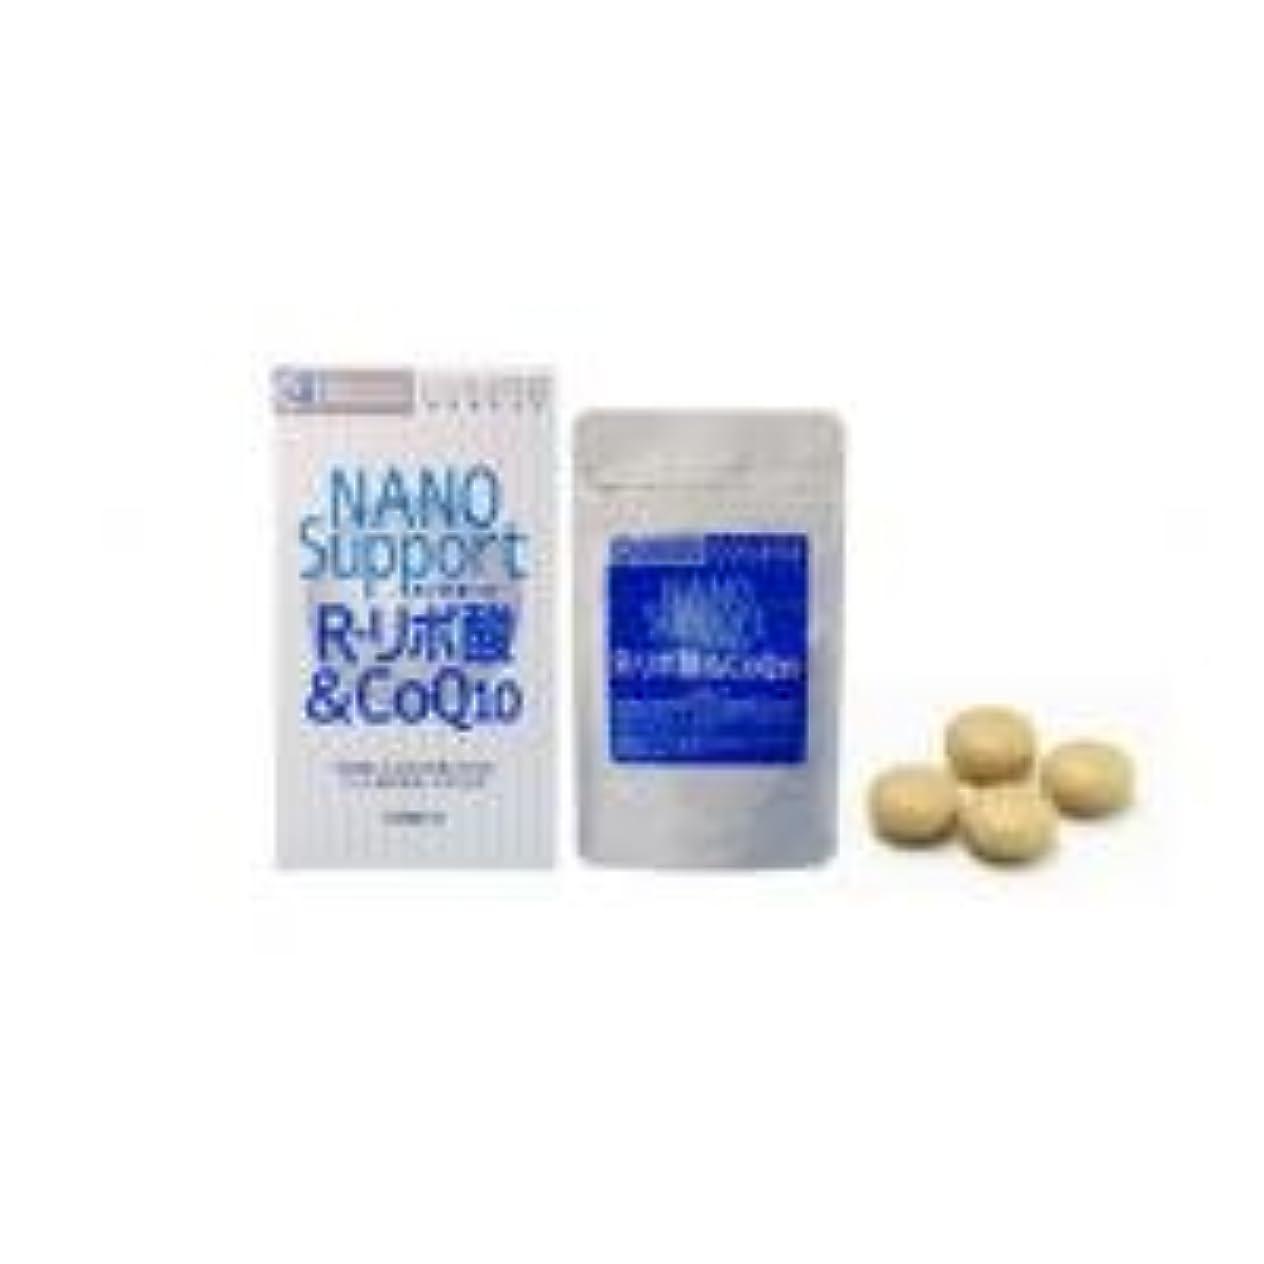 一握り急流オープナーナノサポートR-リポ酸&CoQ10